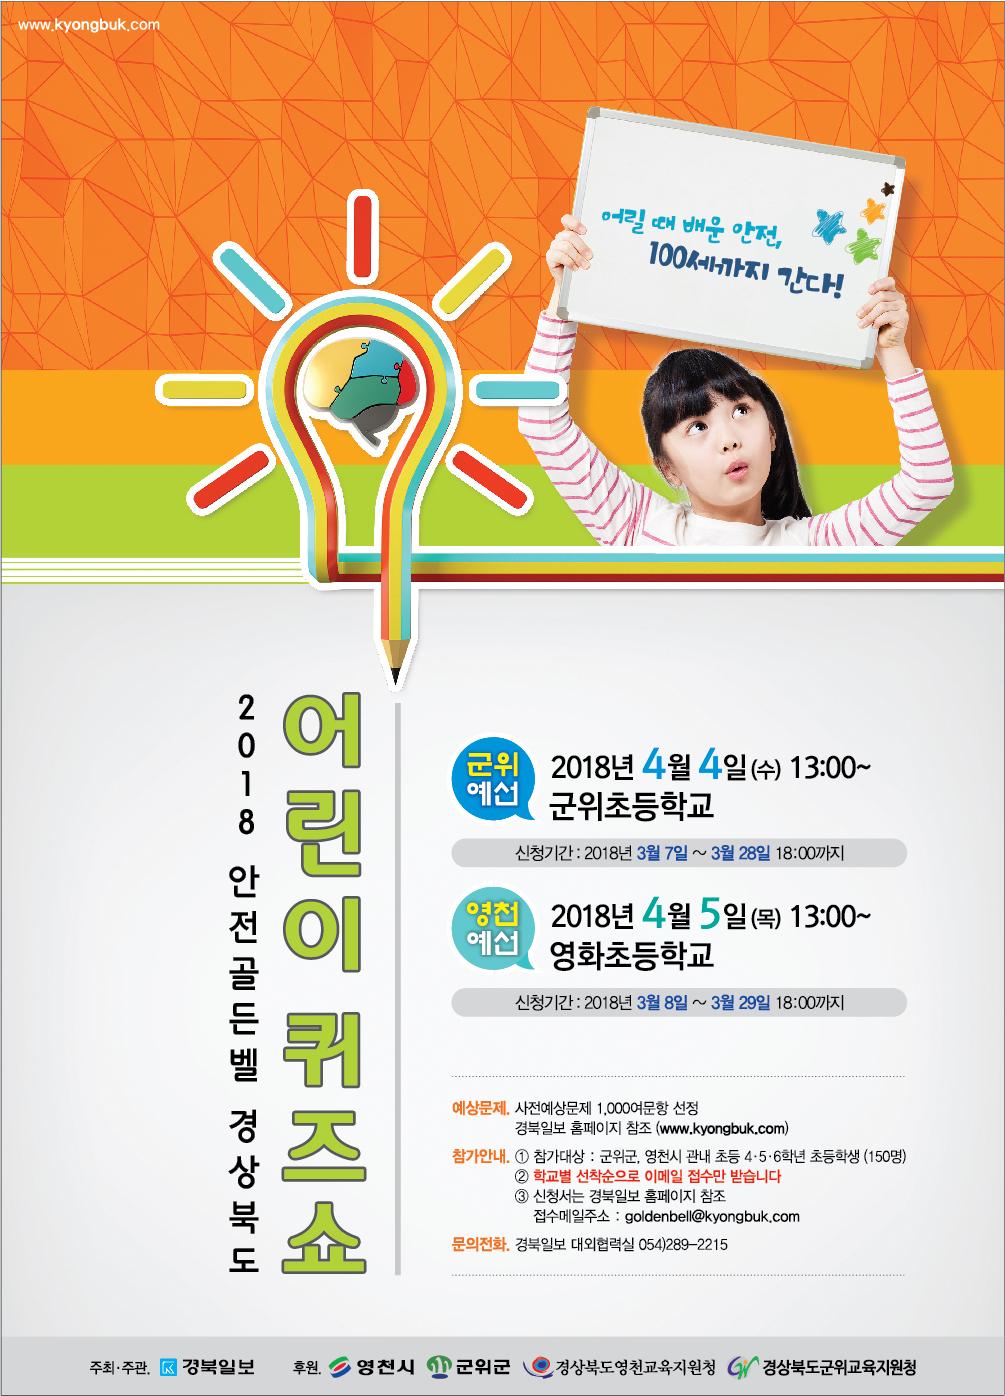 2018_안전골든벨경상북도어린이퀴즈쇼 군위·영천예선_pop_N.png